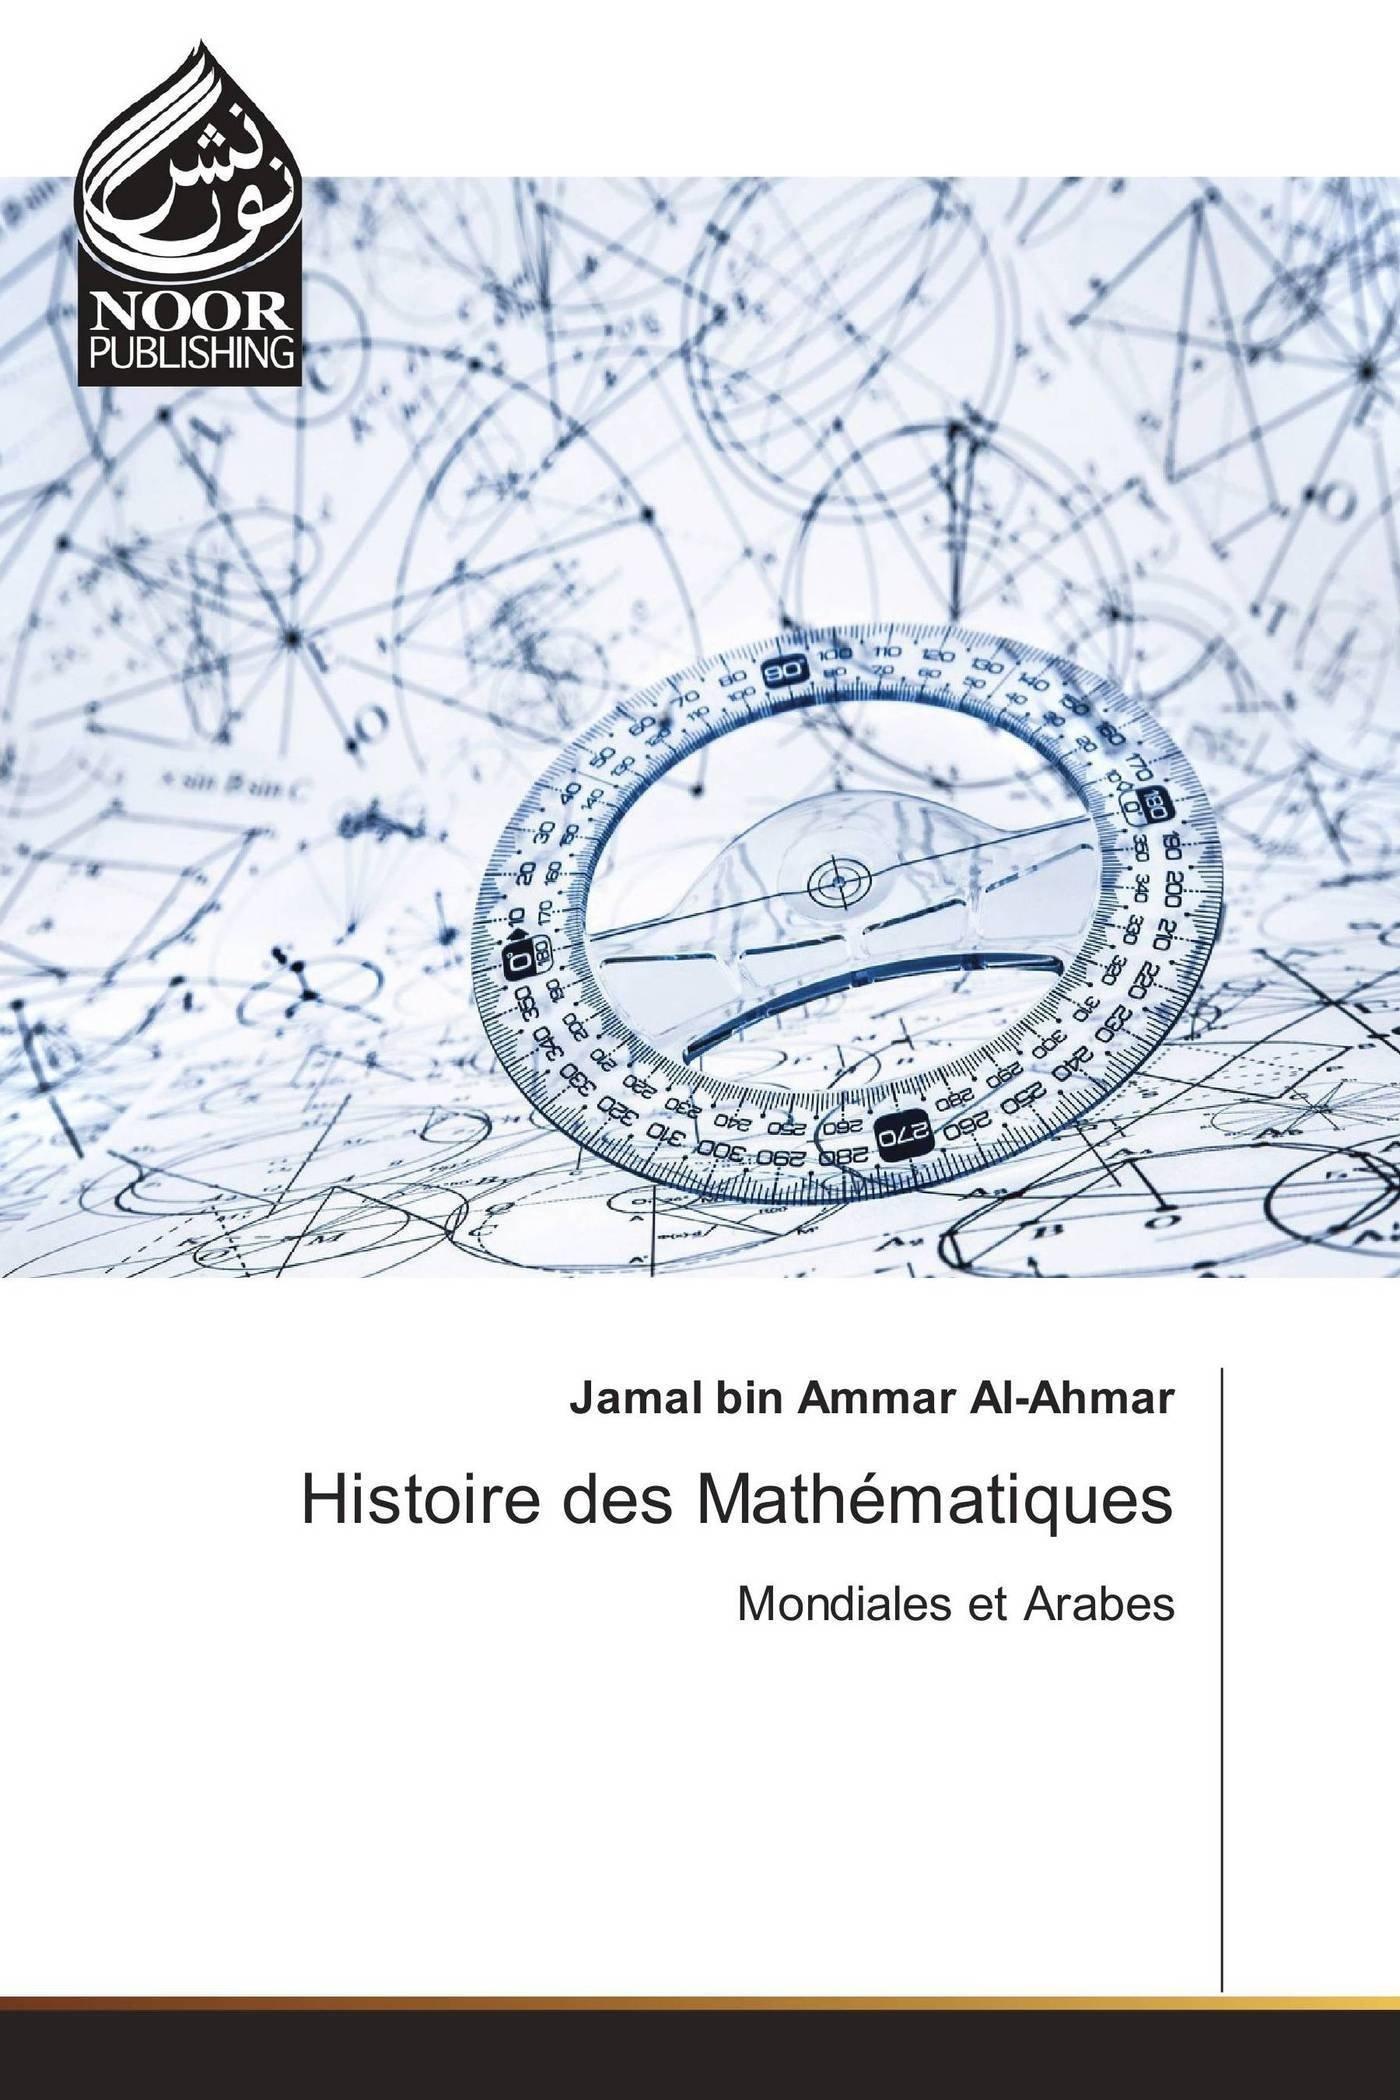 Histoire des Mathématiques: Mondiales et Arabes (French Edition) (French) Paperback – February 3, 2017